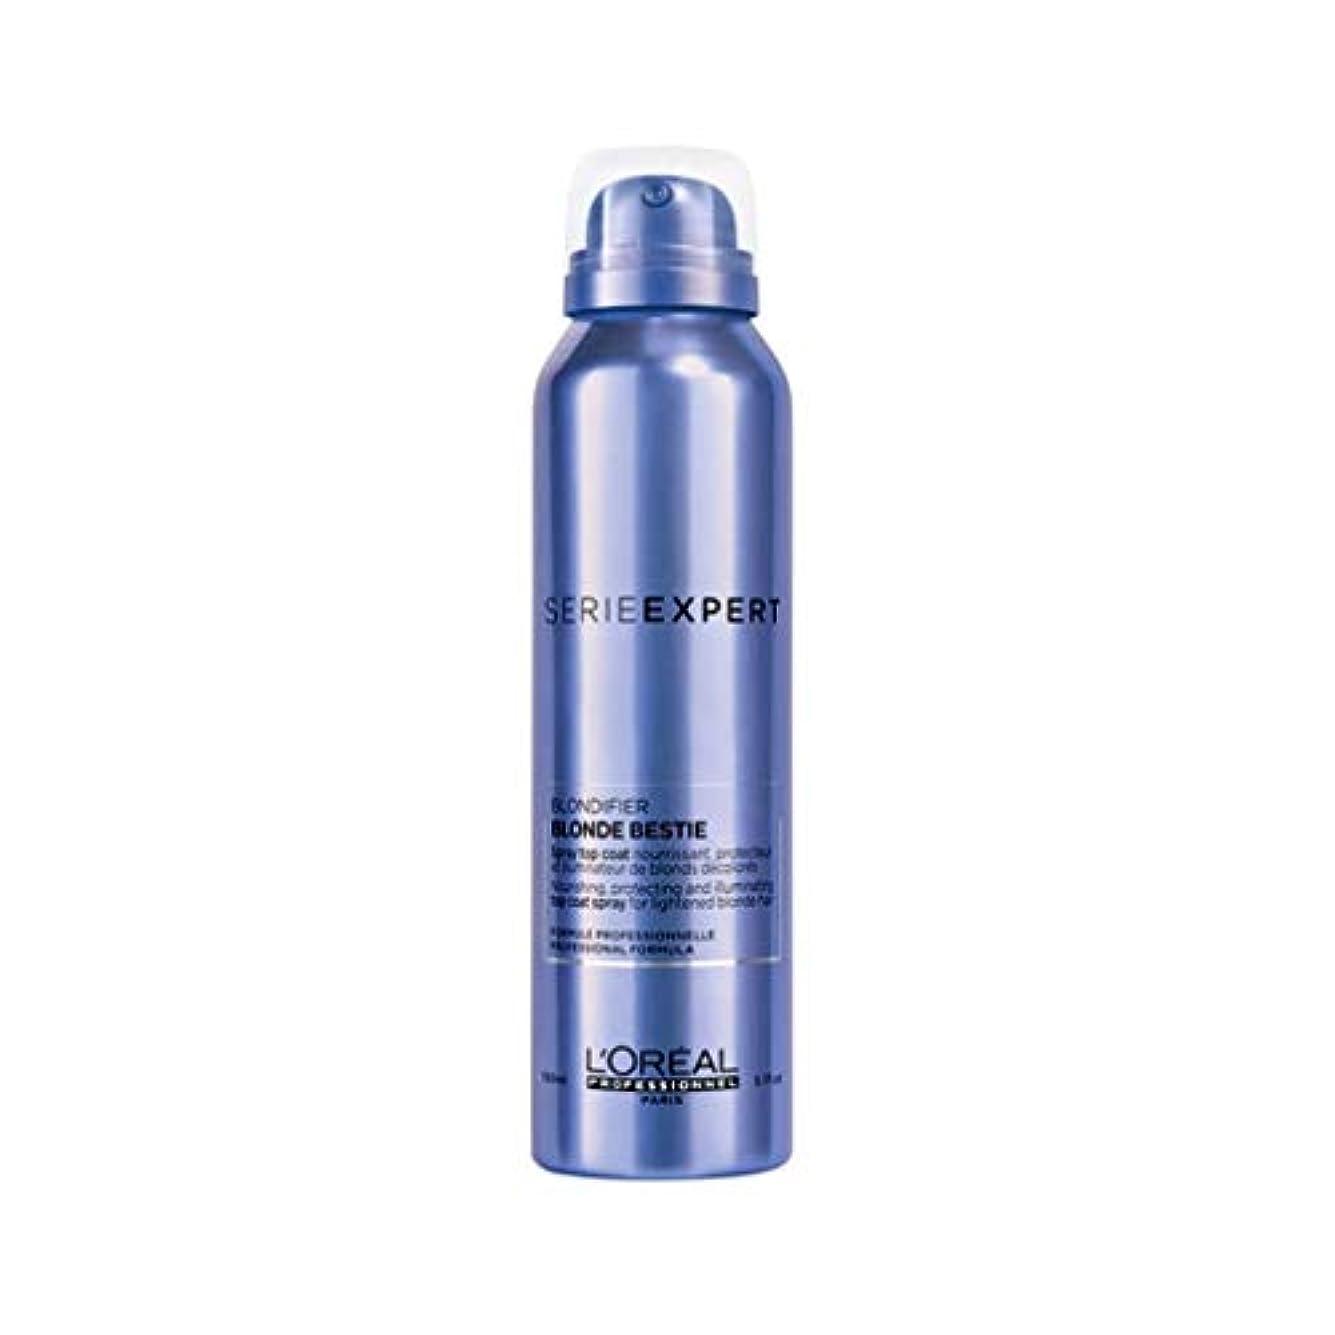 省略可塑性配列ロレアル セリエ エクスパート ブロンディファイア ブロンド ベスティー スプレー L'Oreal Serie Expert Blondifier Blond Bestie Spray 150 ml [並行輸入品]